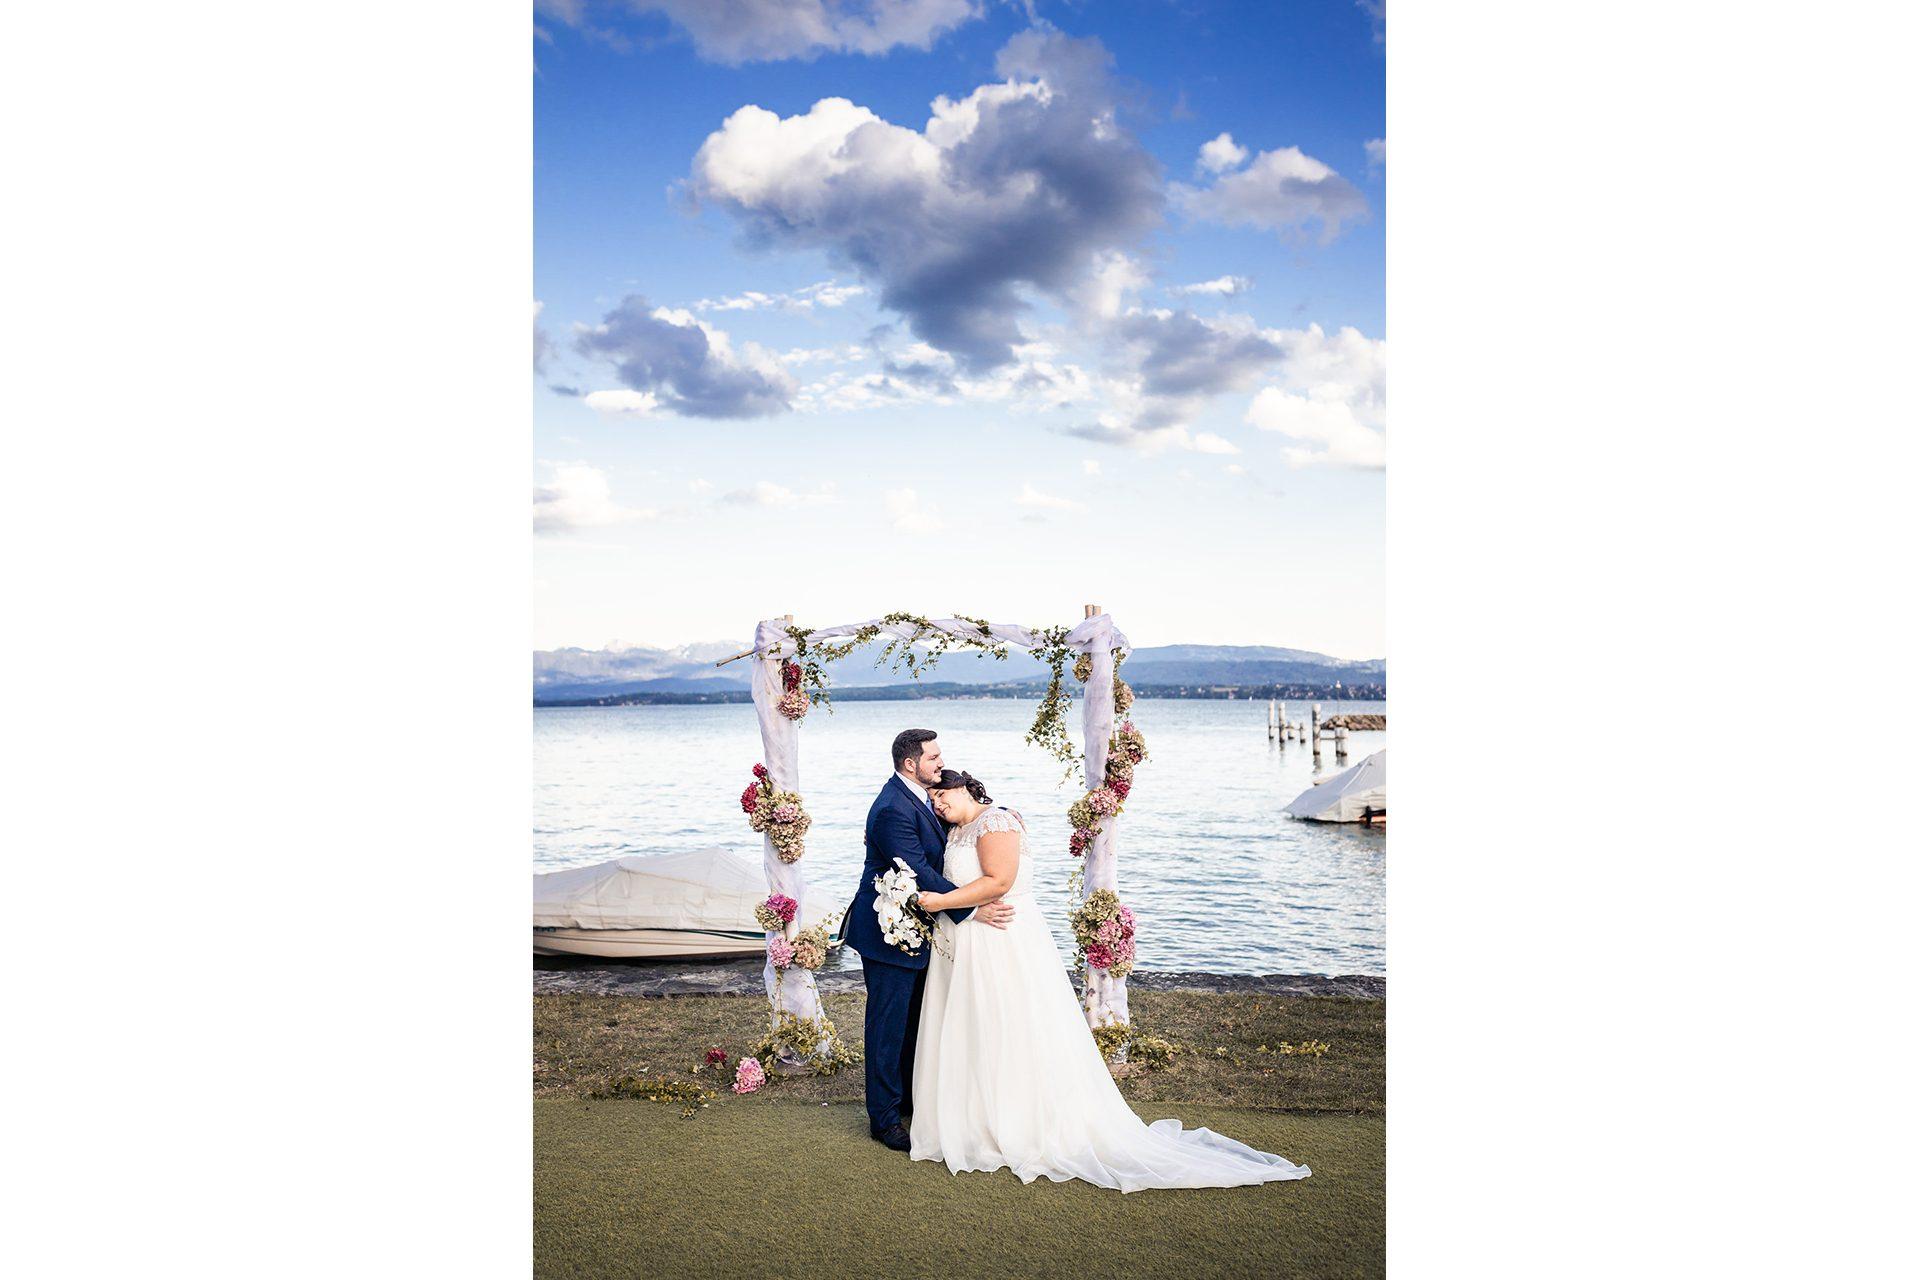 Mariage au bord du lac Léman - Matthieu Chandelier photographe de mariage Annecy 3